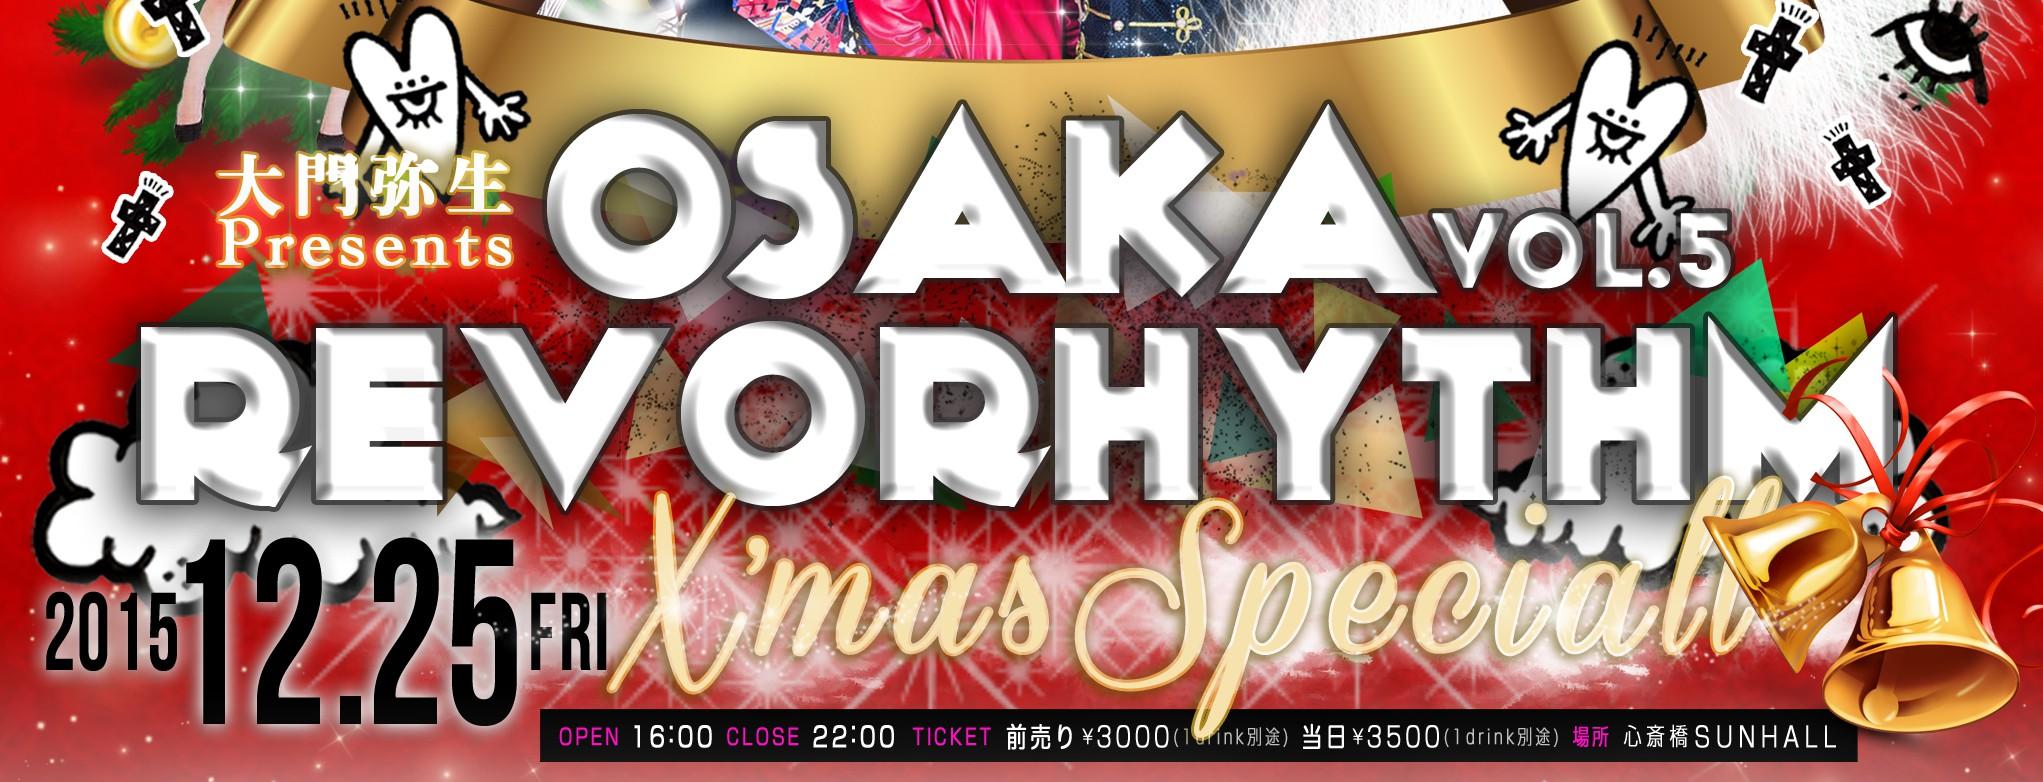 OSAKA REVORHYTHM Vol.5 〜X'mas Special〜